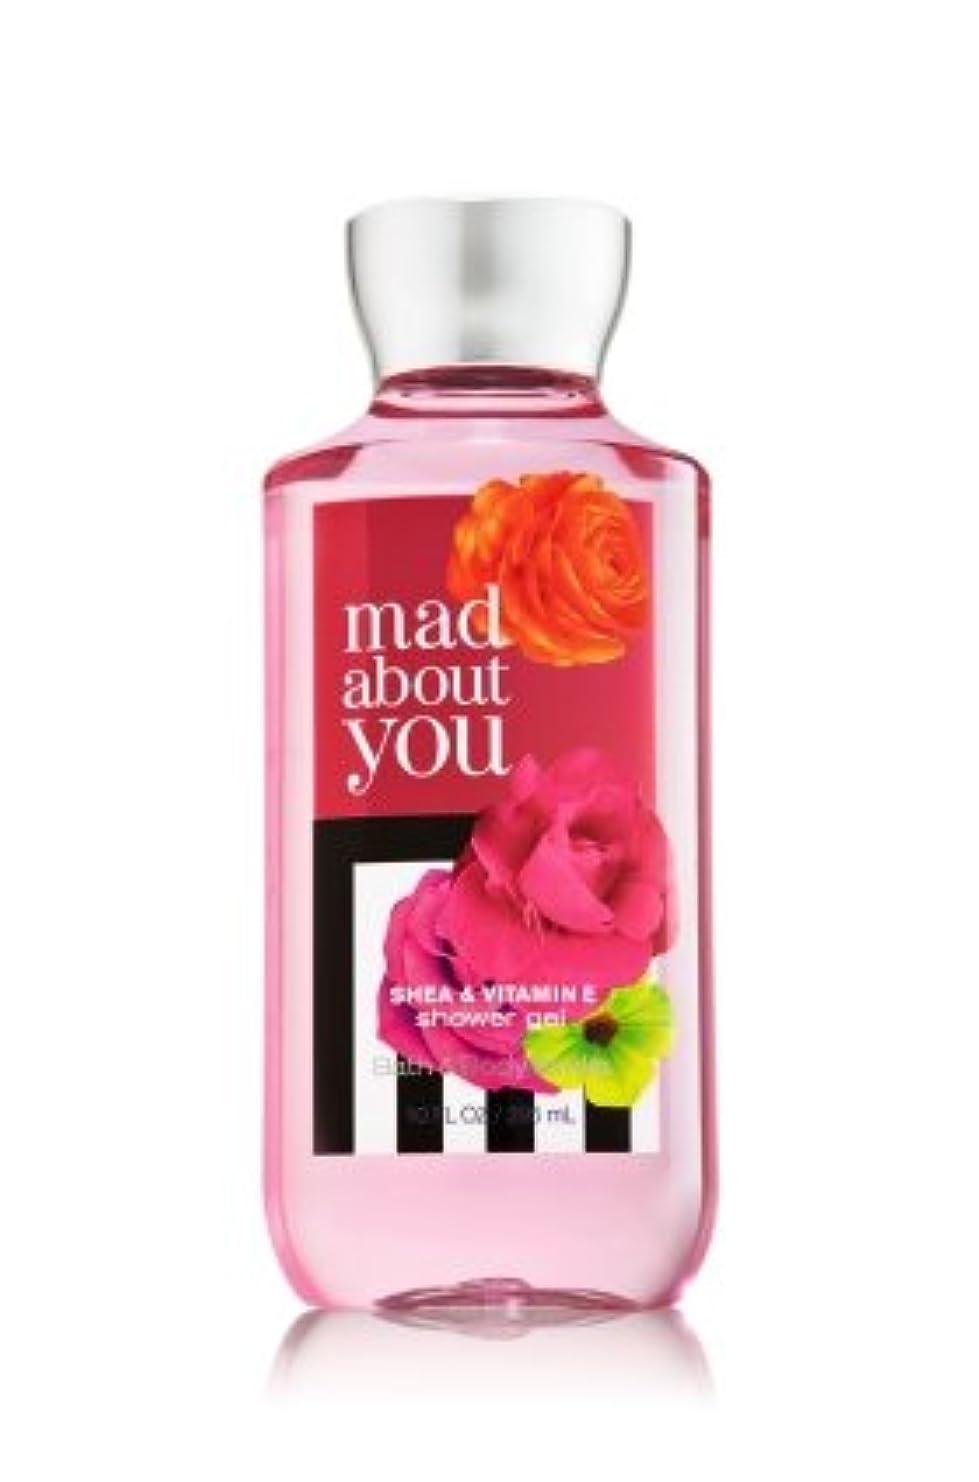 電子レンジさわやかボーカル【Bath&Body Works/バス&ボディワークス】 シャワージェル マッドアバウトユー Shower Gel Mad About You 10 fl oz / 295 mL [並行輸入品]